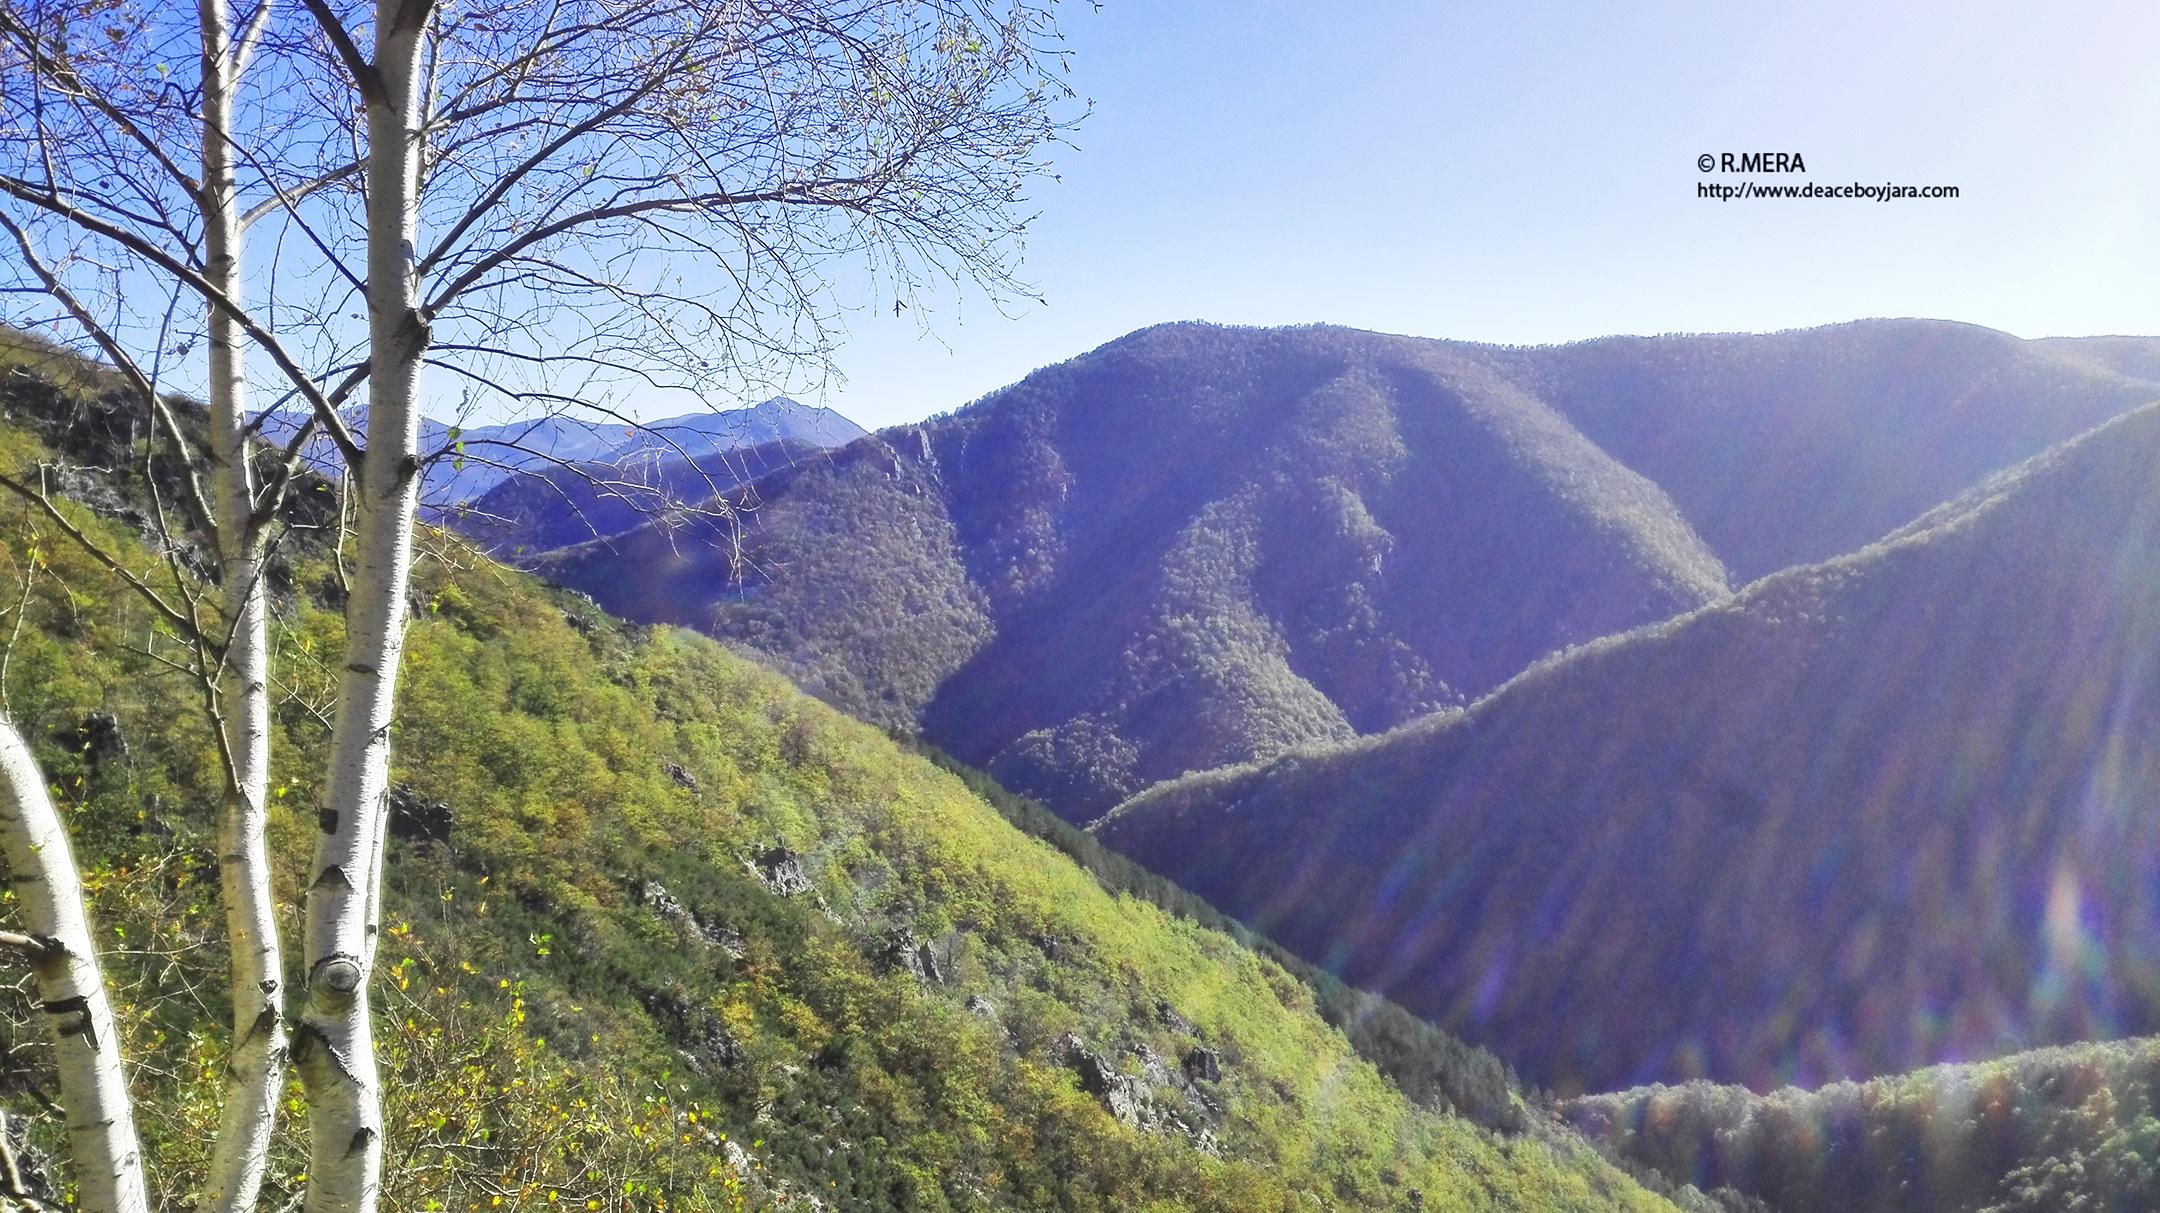 CANGAS DEL NARCEA.- Moal pide la dimisión de los representantes ambientalistas en los órganos del parque